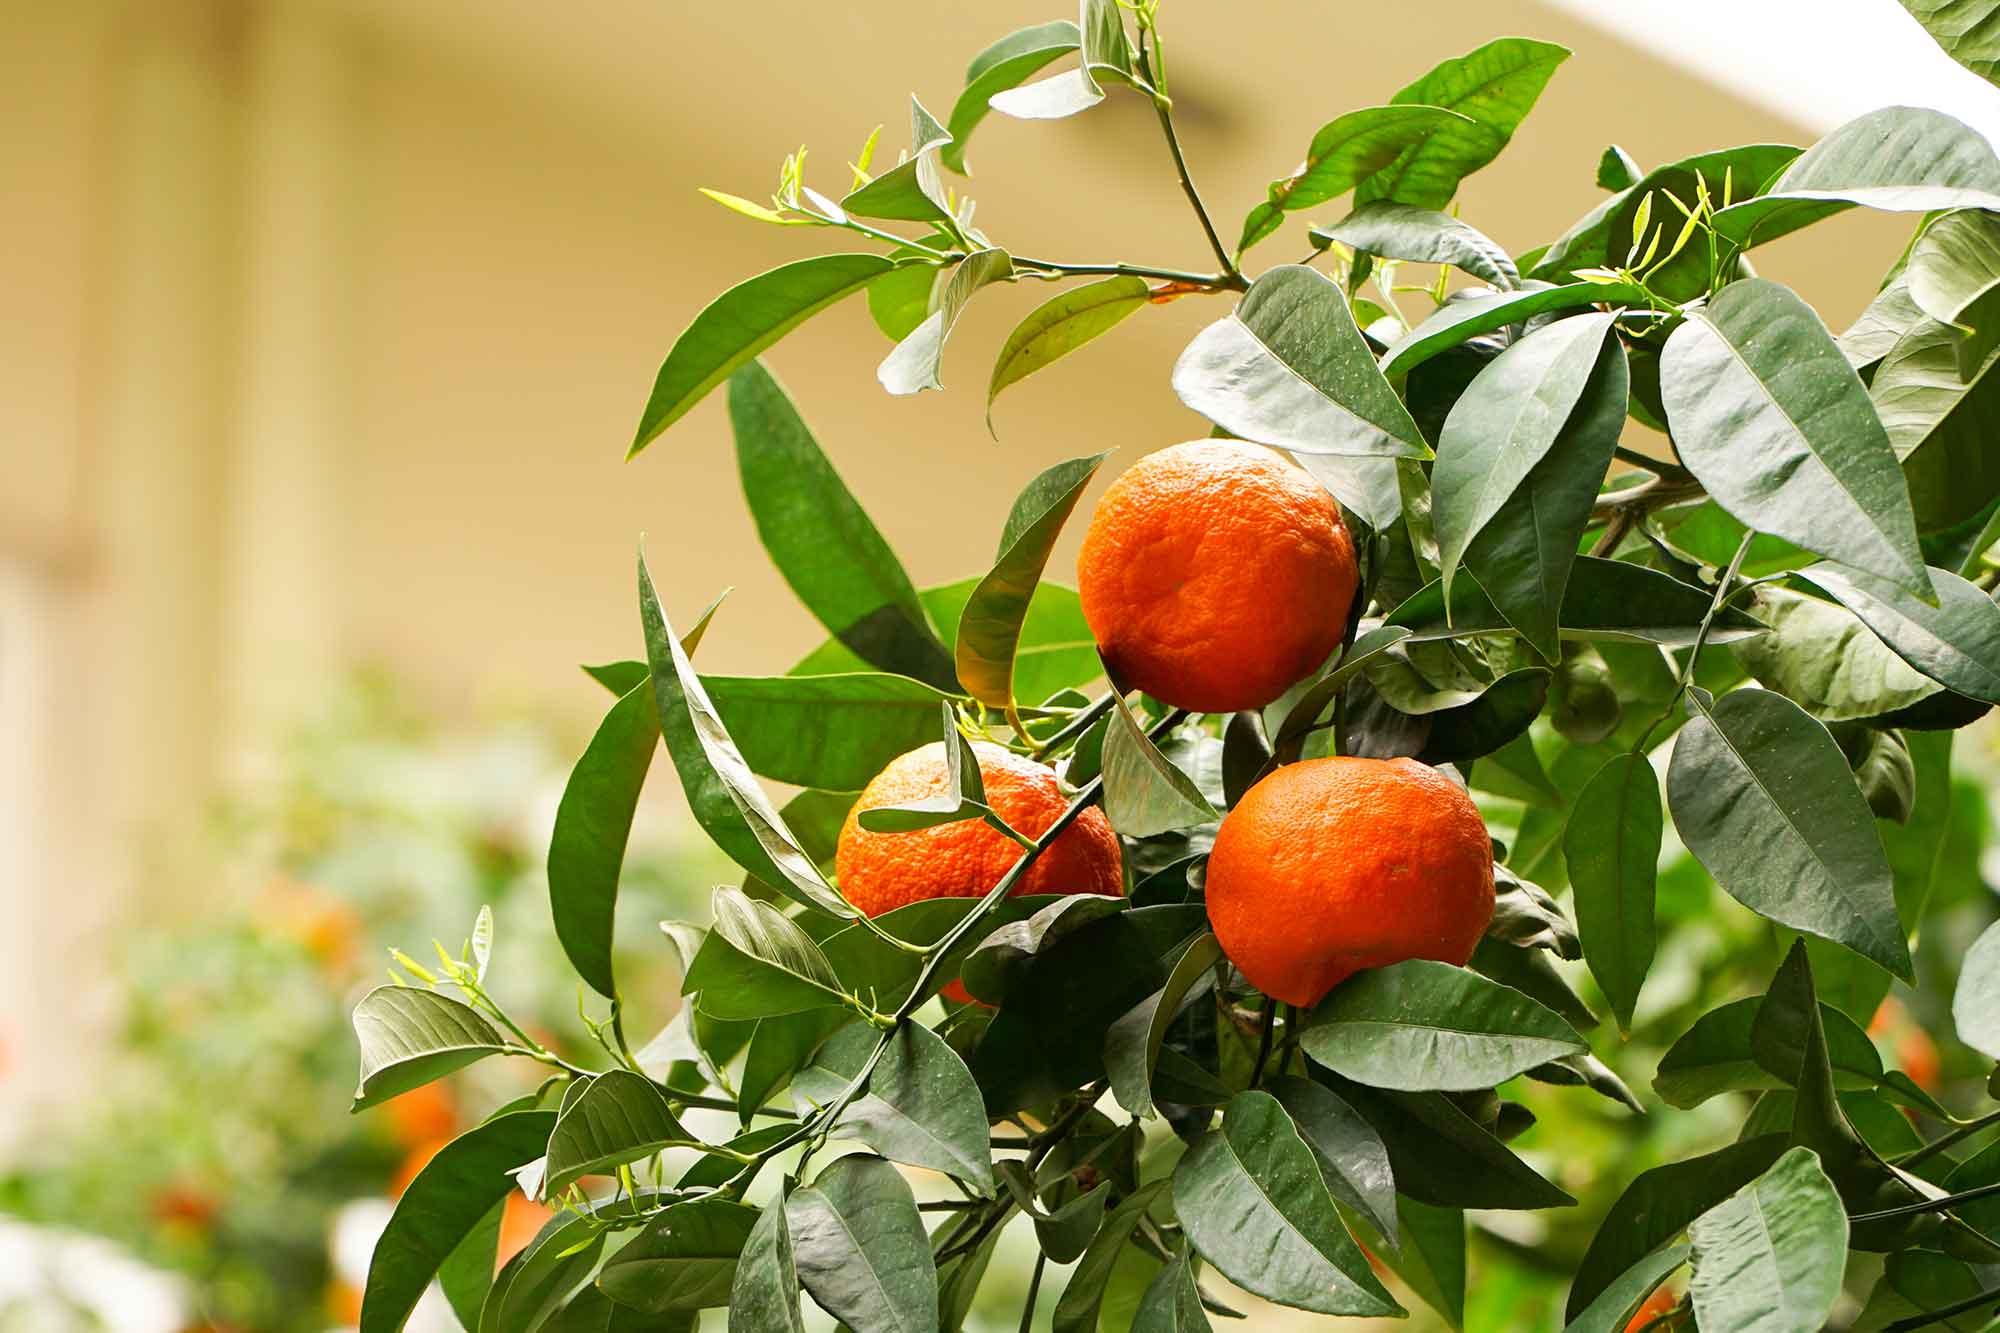 Bittere sinaasappels in Athene